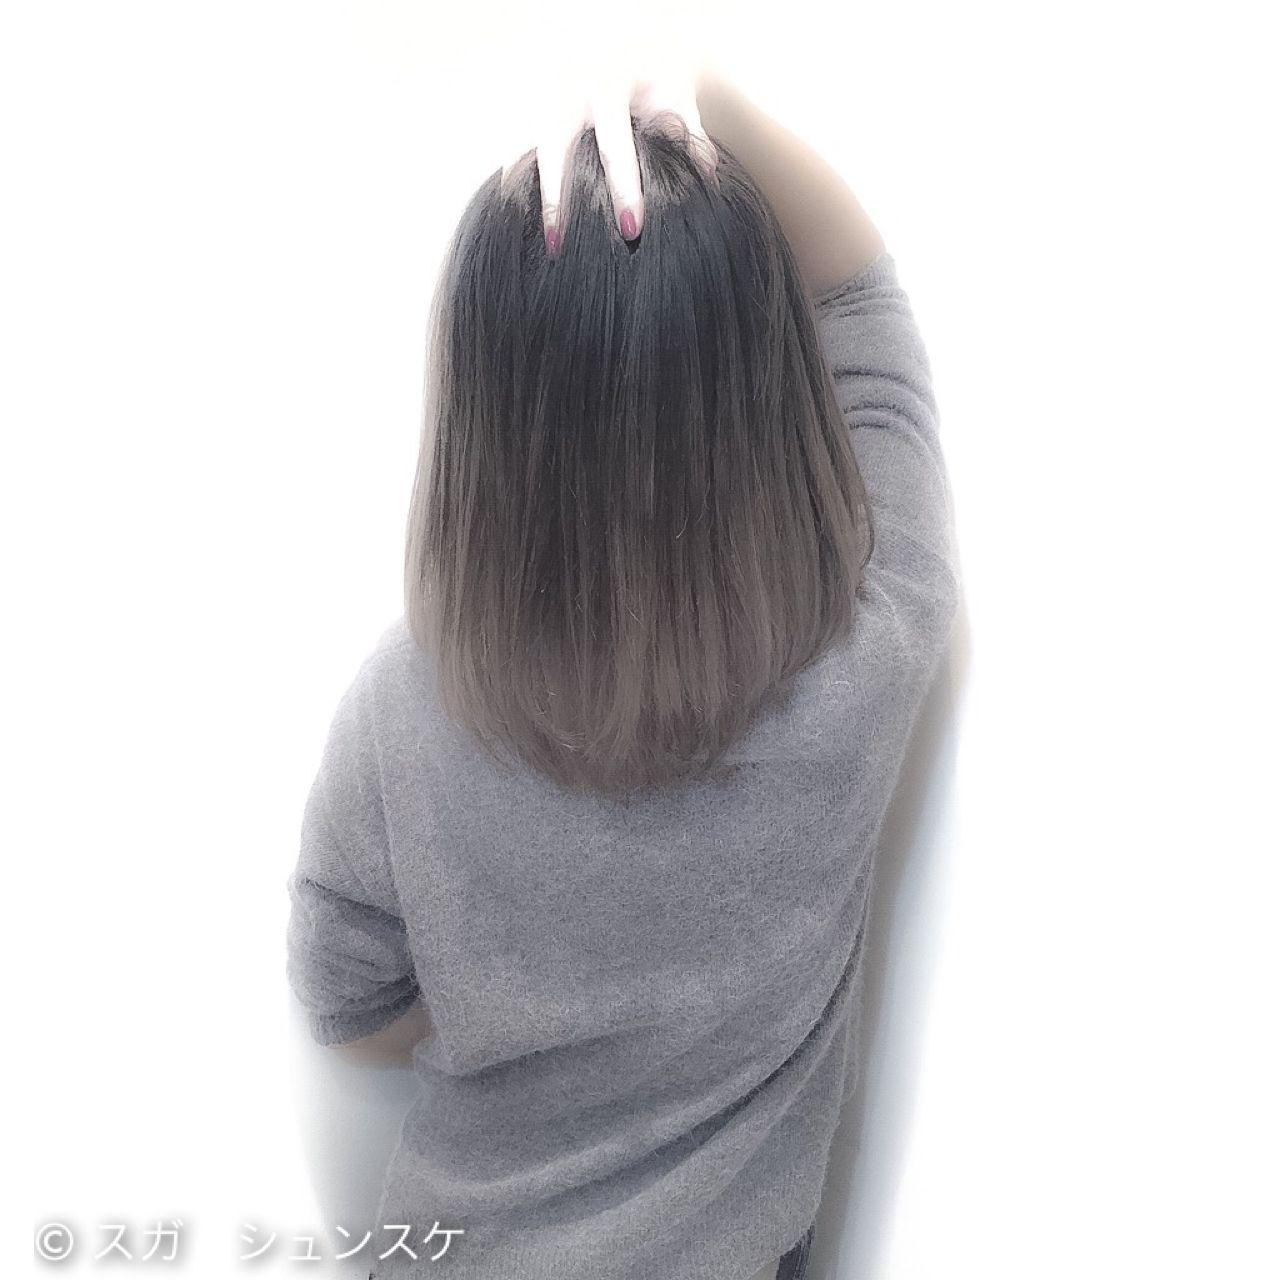 ミディアム アッシュ ストリート 外国人風 ヘアスタイルや髪型の写真・画像 | スガ シュンスケ / Tierra (ティエラ)